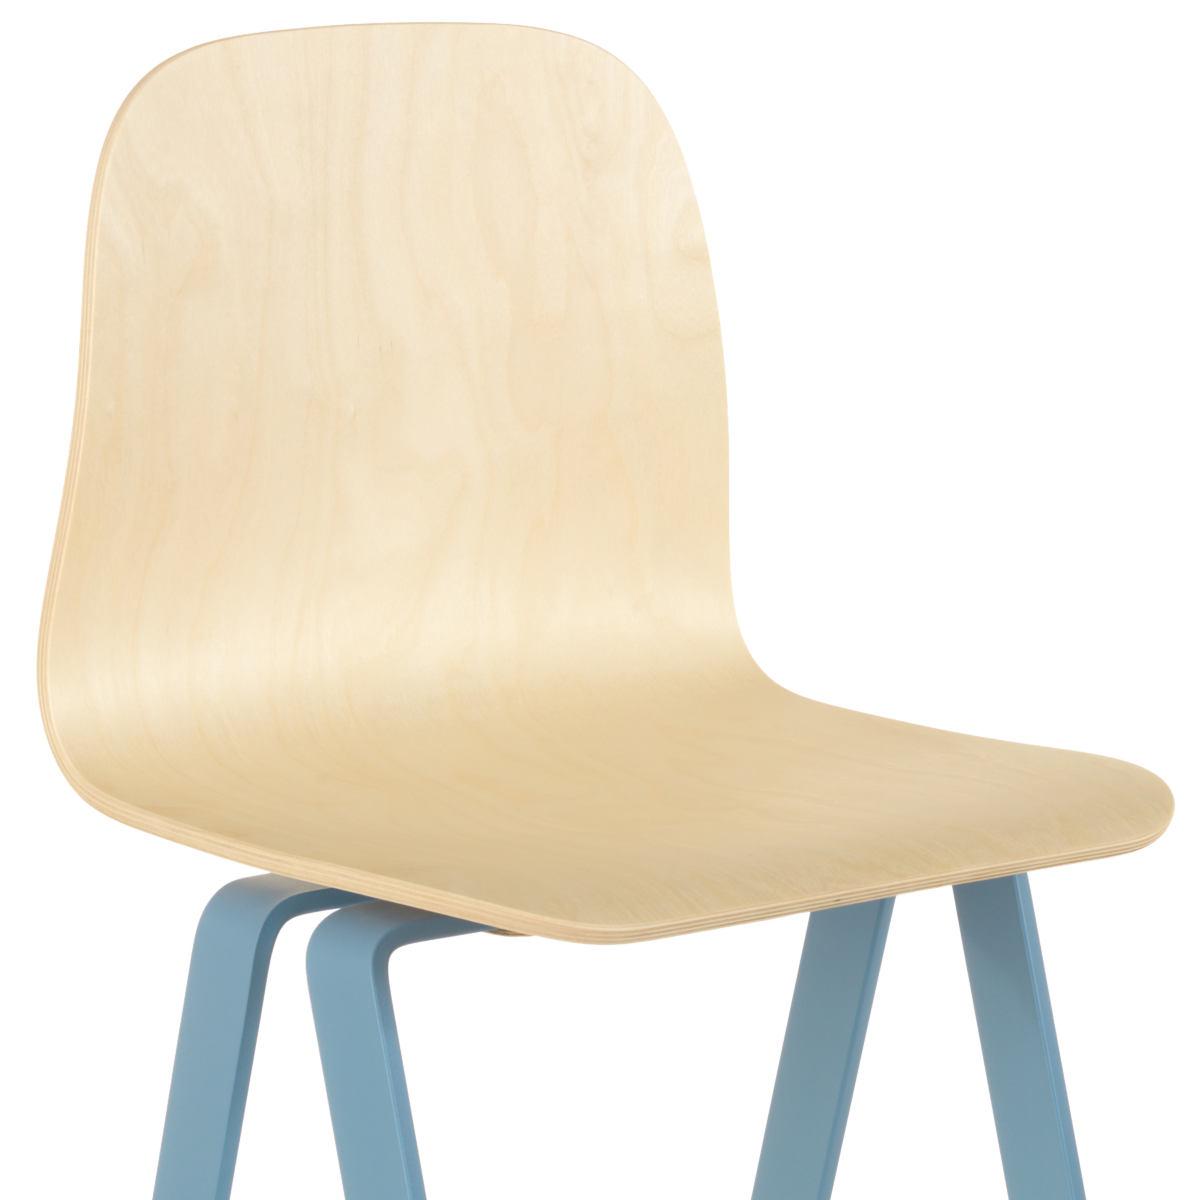 Schreibtisch & Stuhl für Kinder von 6 bis 10 Jahren | Kunstbaron